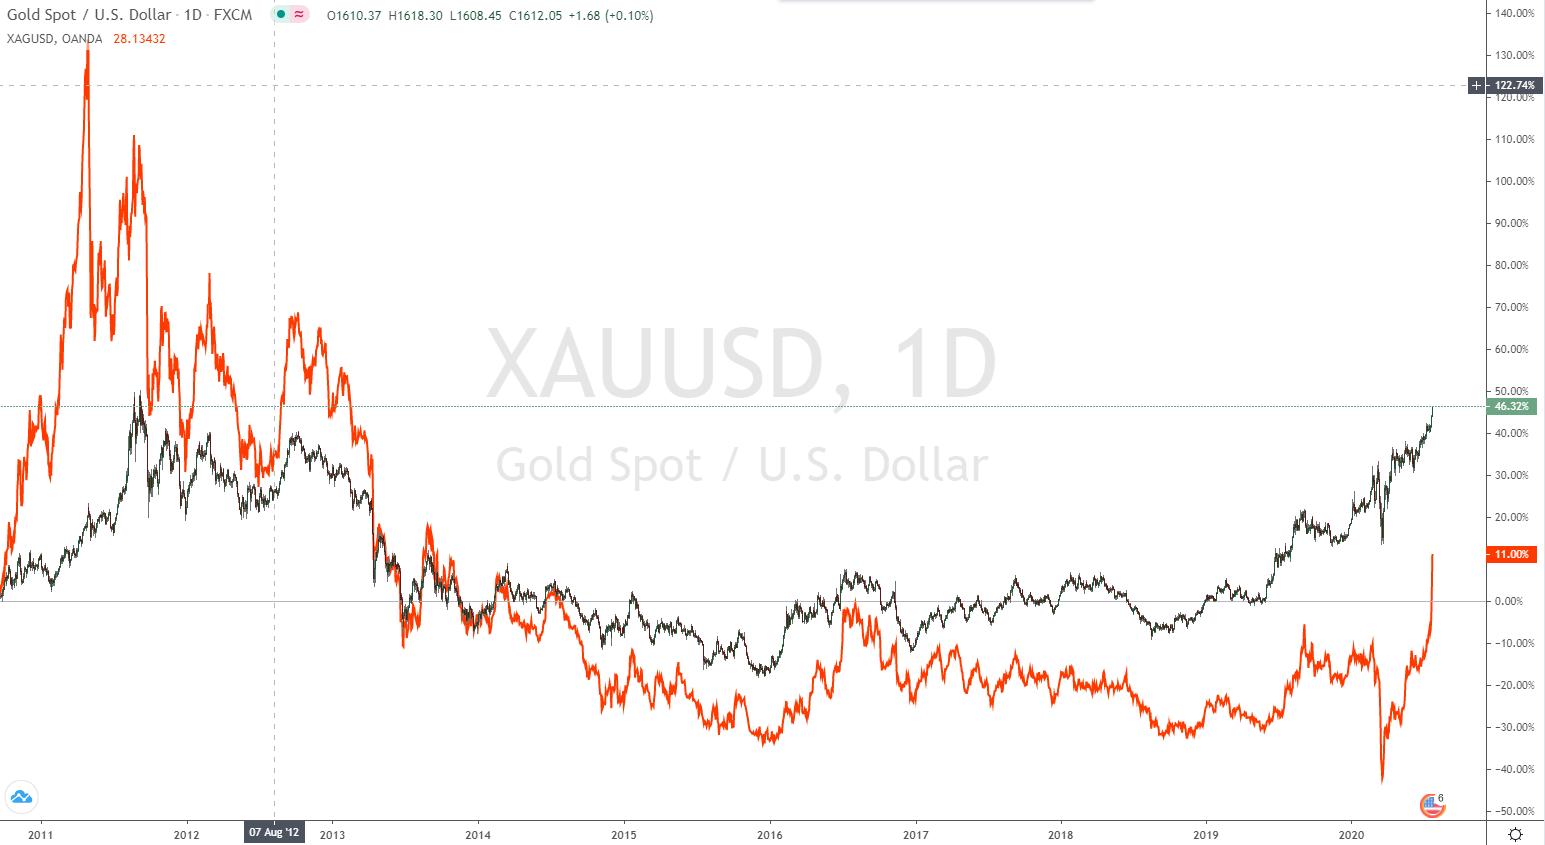 Gold Silber Verhältnis im Chart verglichen